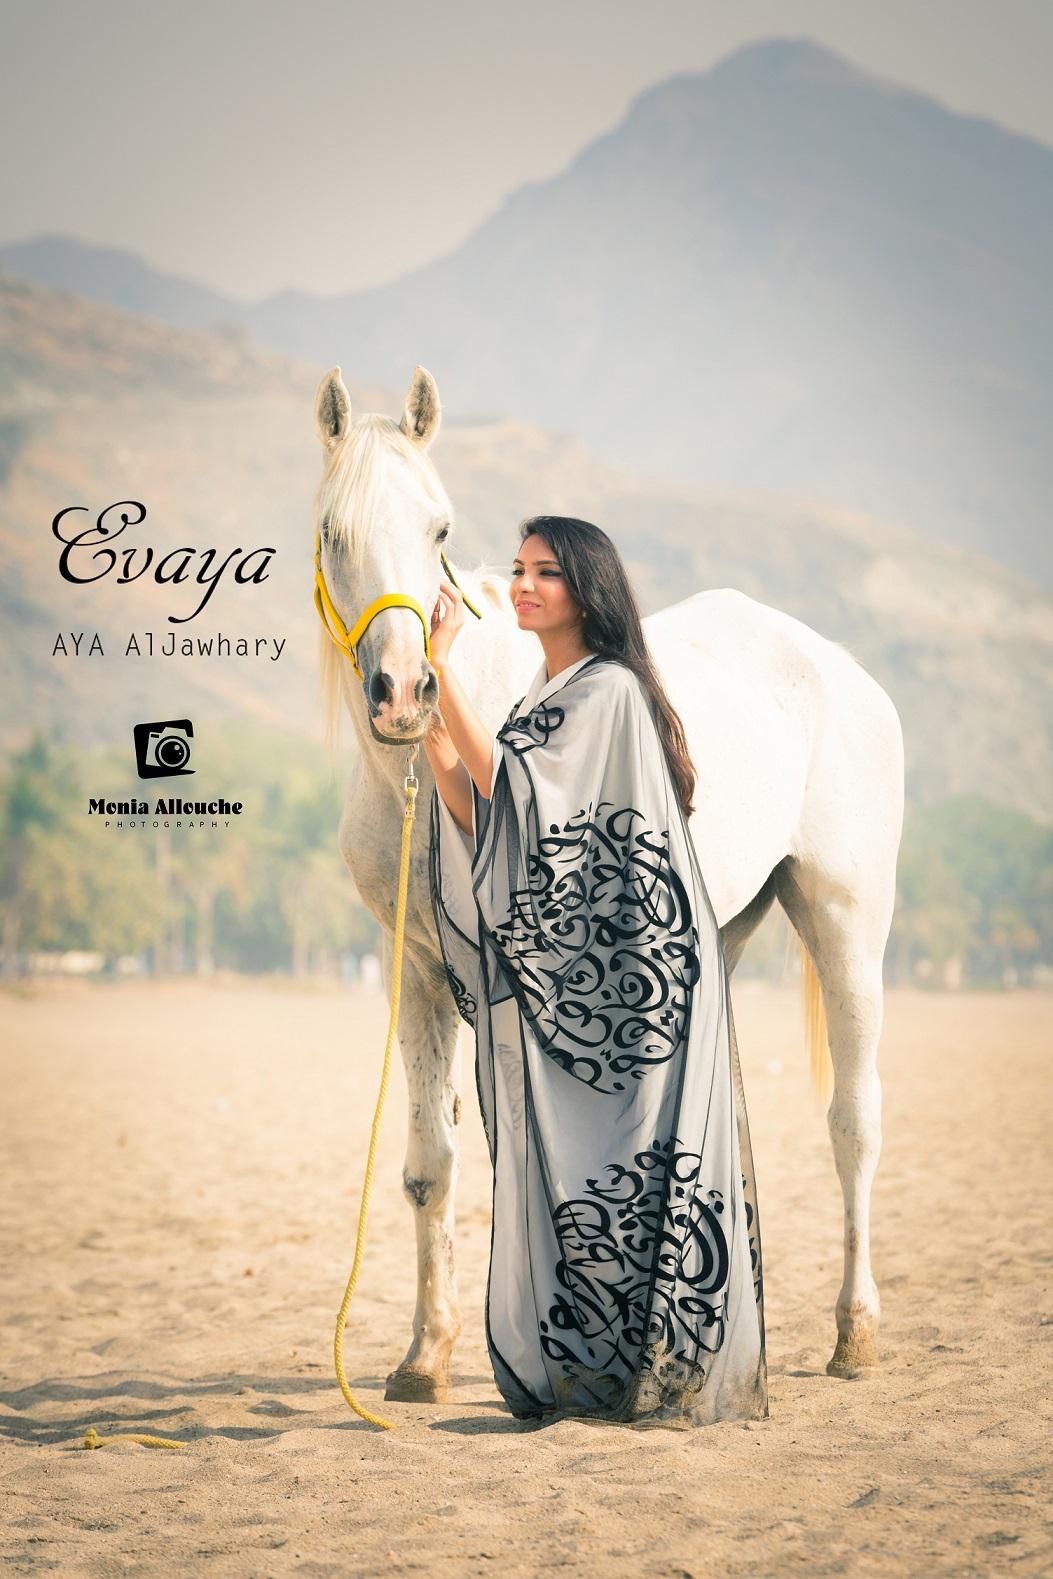 آخر صيحات الموضة للمرأة الخليجية توقيع آية الجوهري